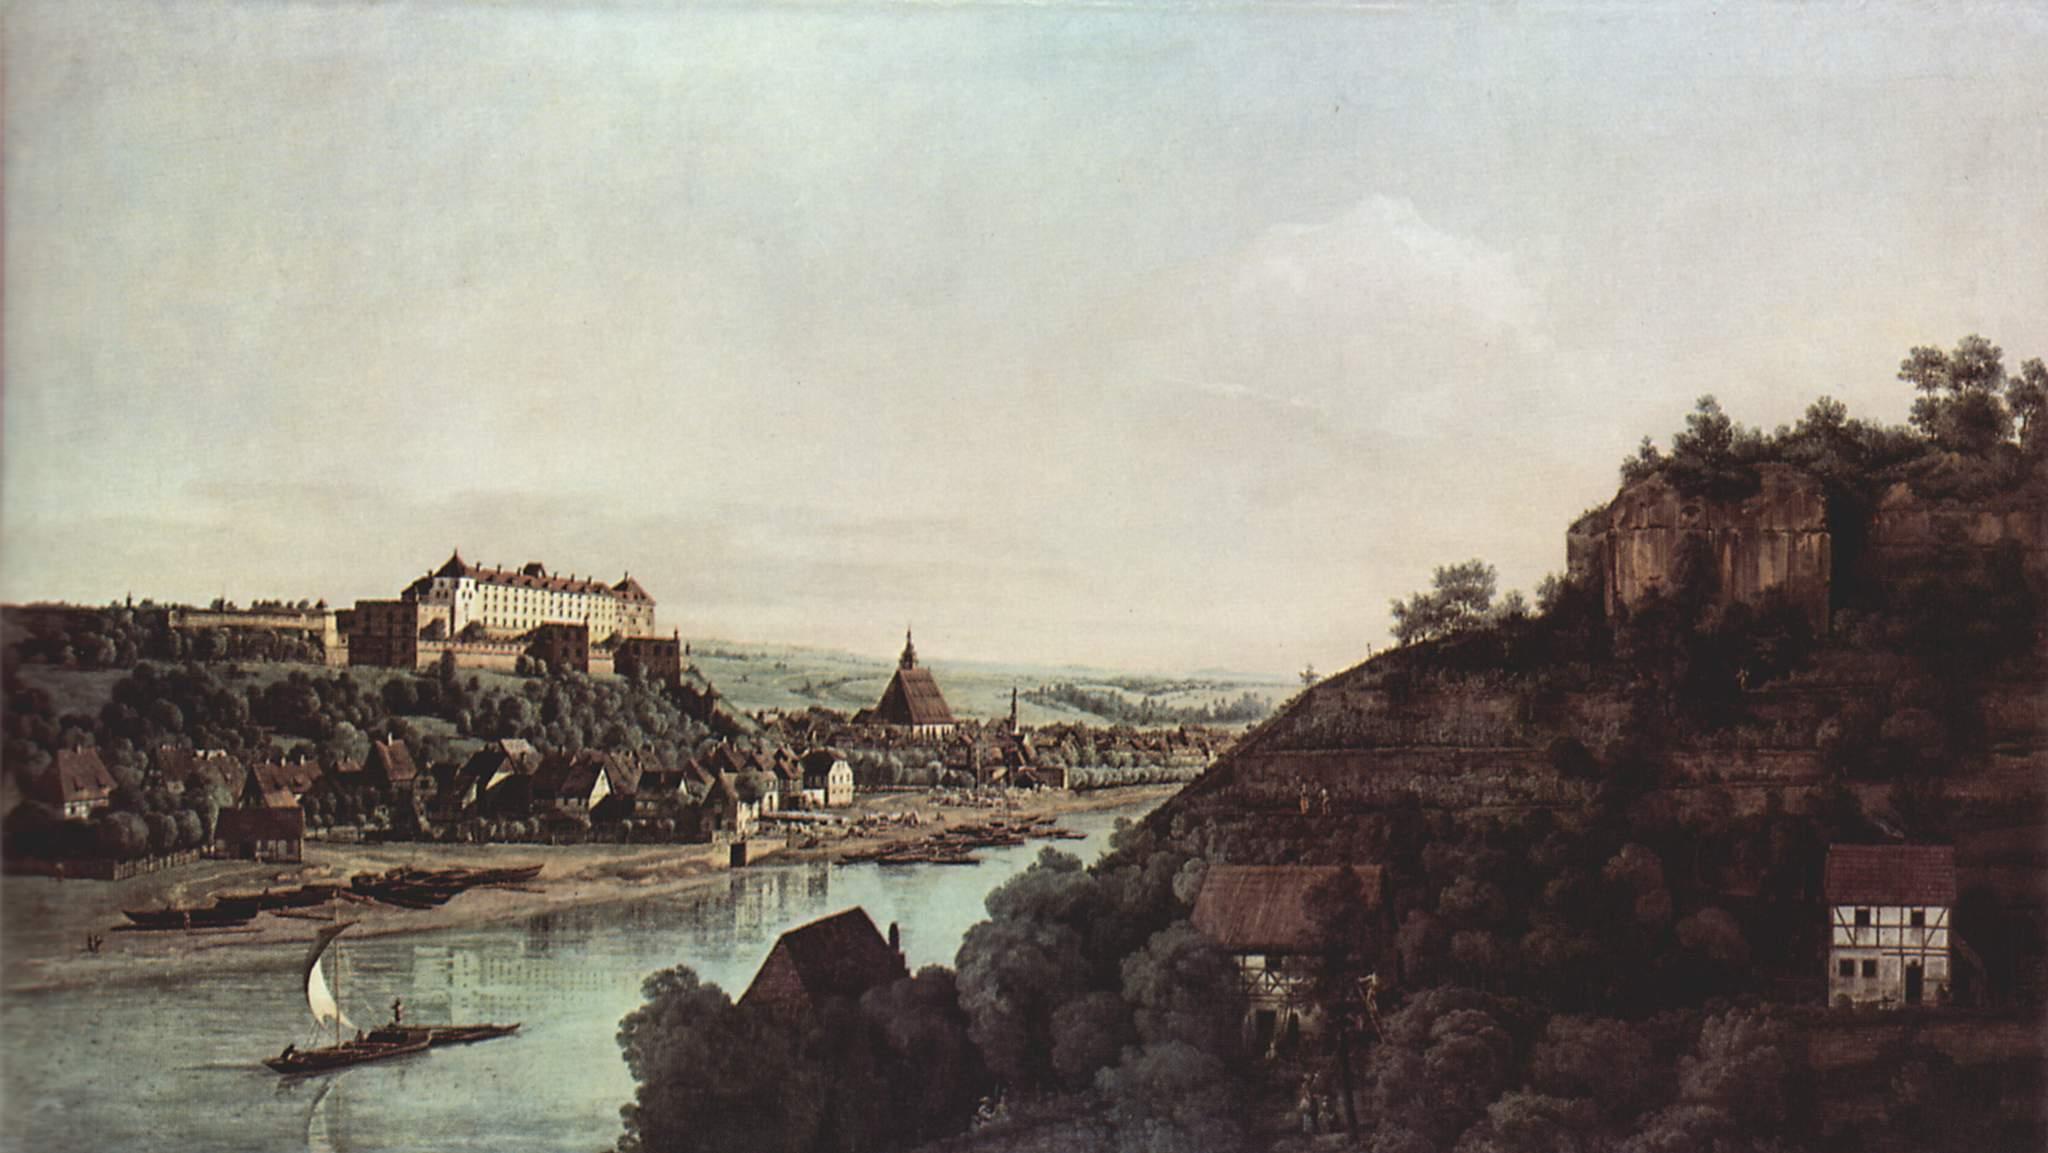 Вид Пирны, Пирна со стороны виноградников близ Просто, с крепостью Зонненшайн, Джованни Антонио Каналетто 1